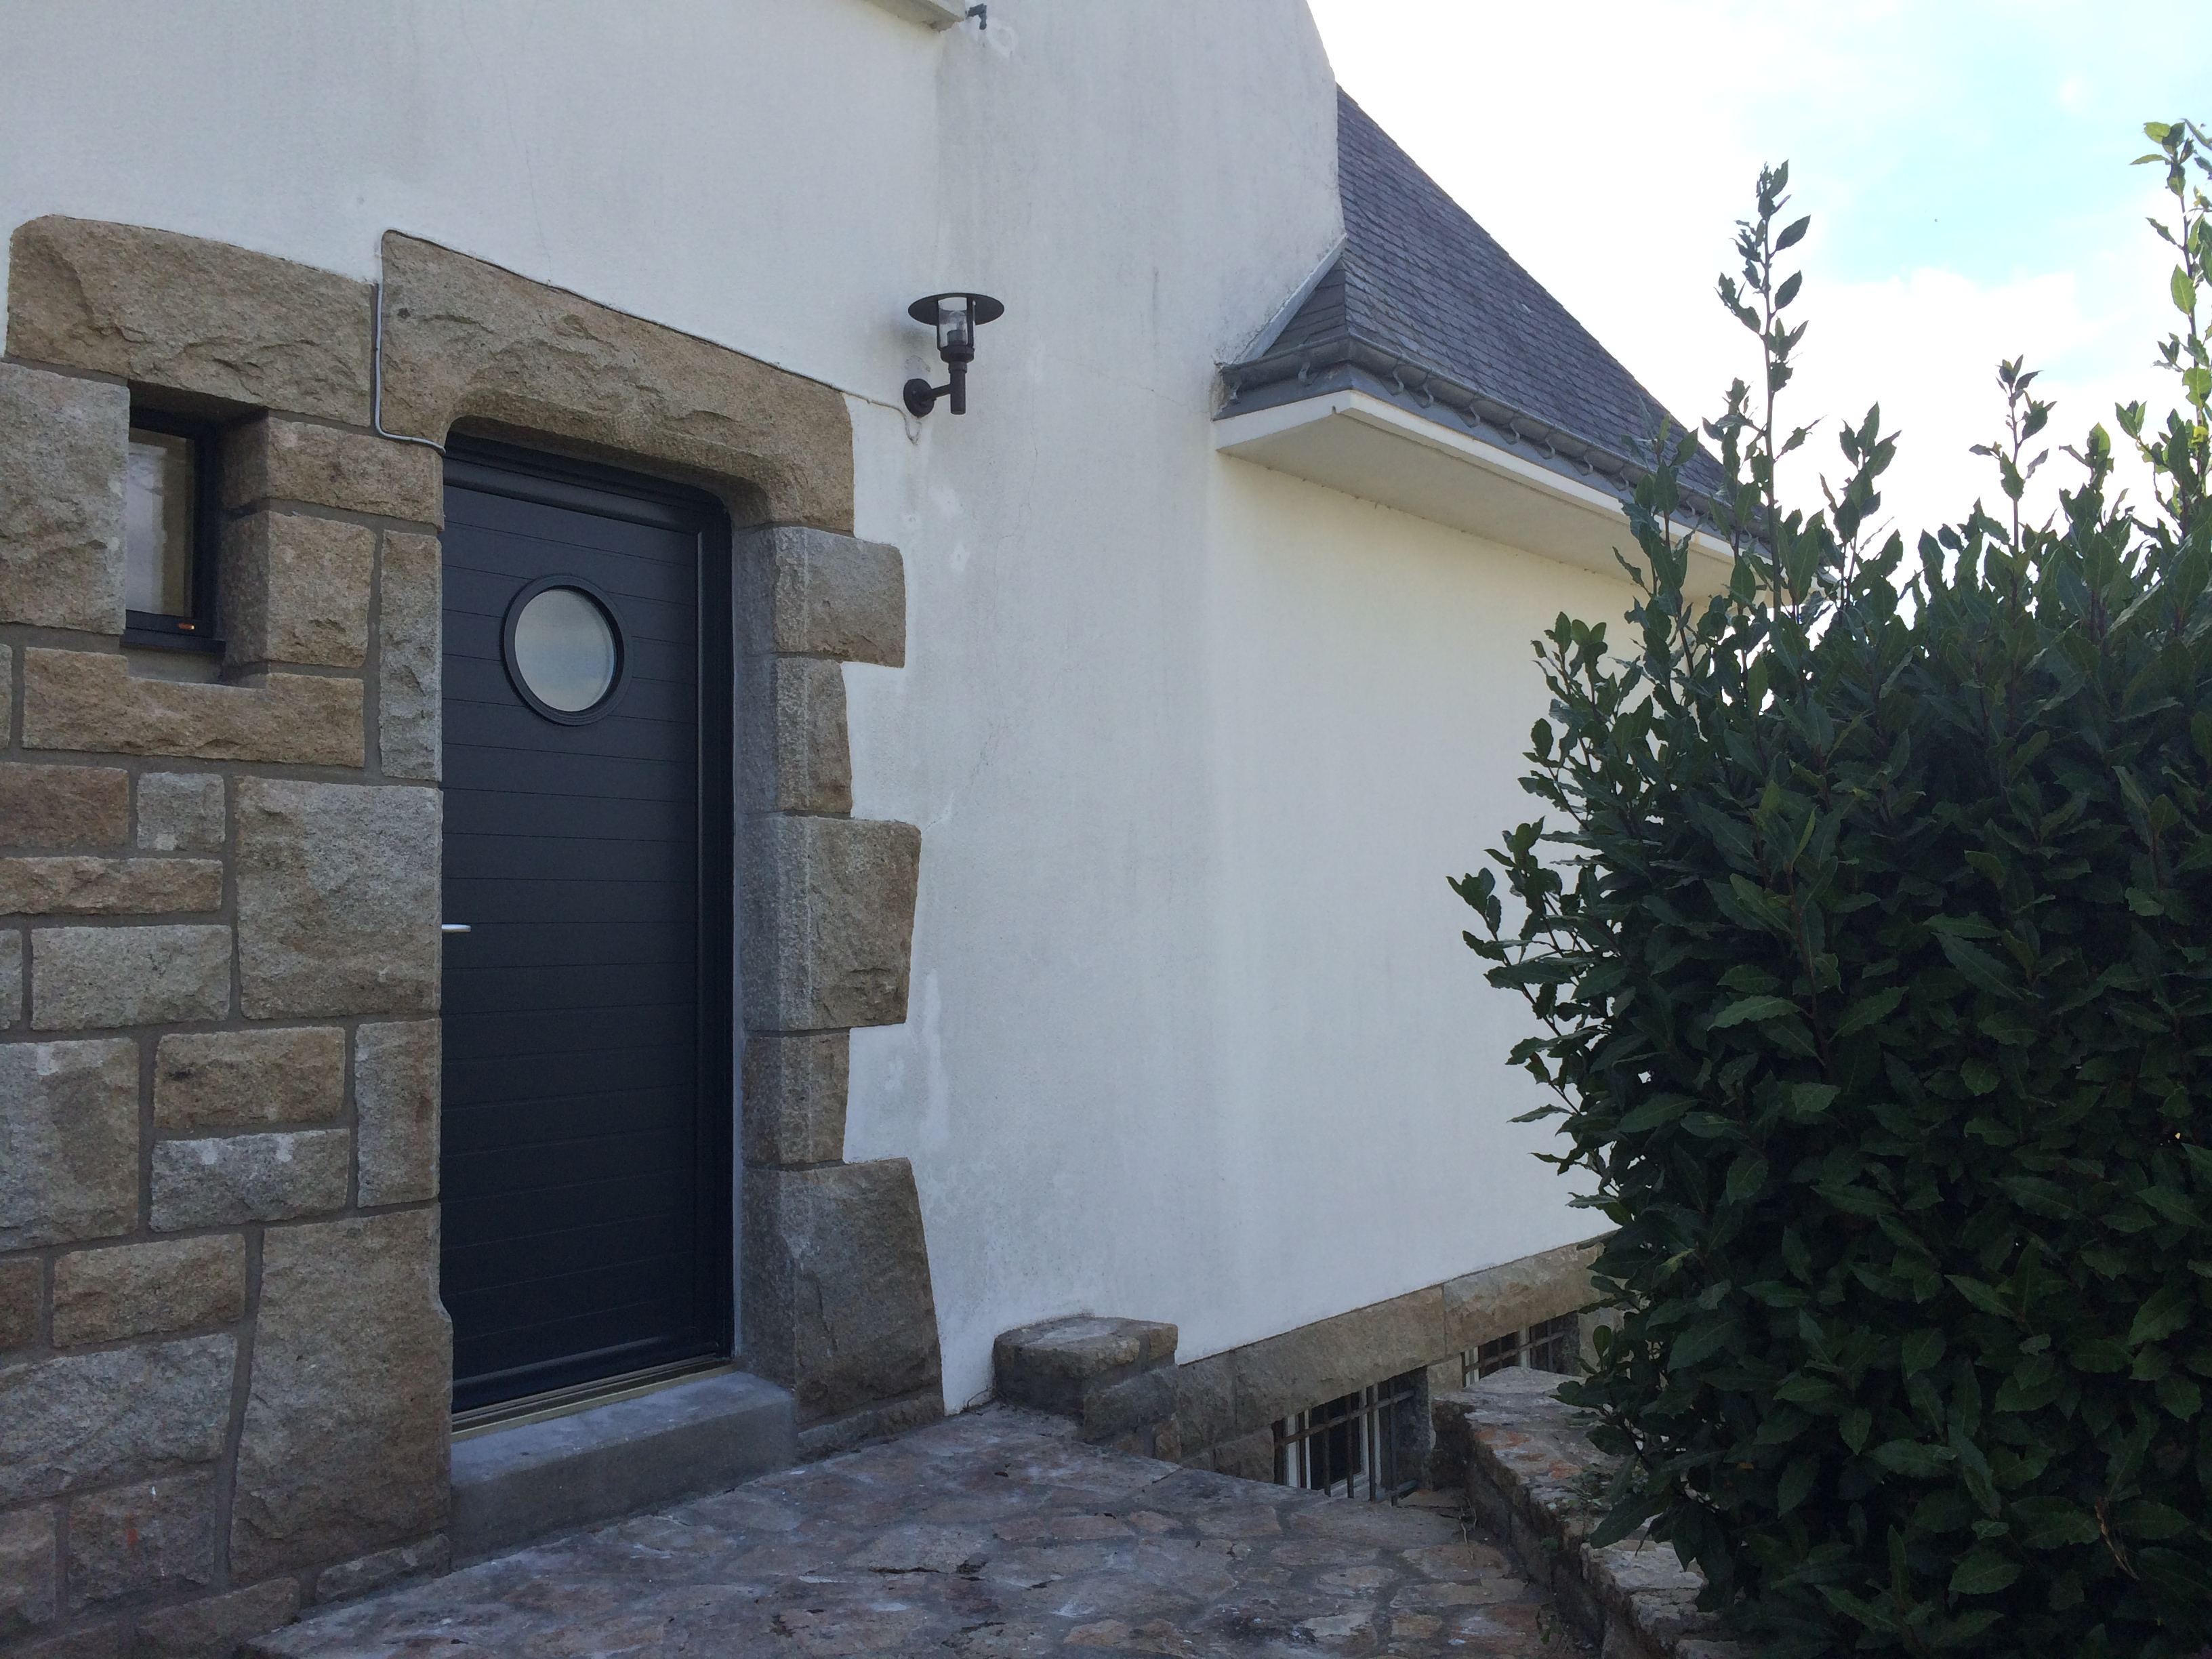 Porte mixte bois/aluminium réalisée à Pluneret